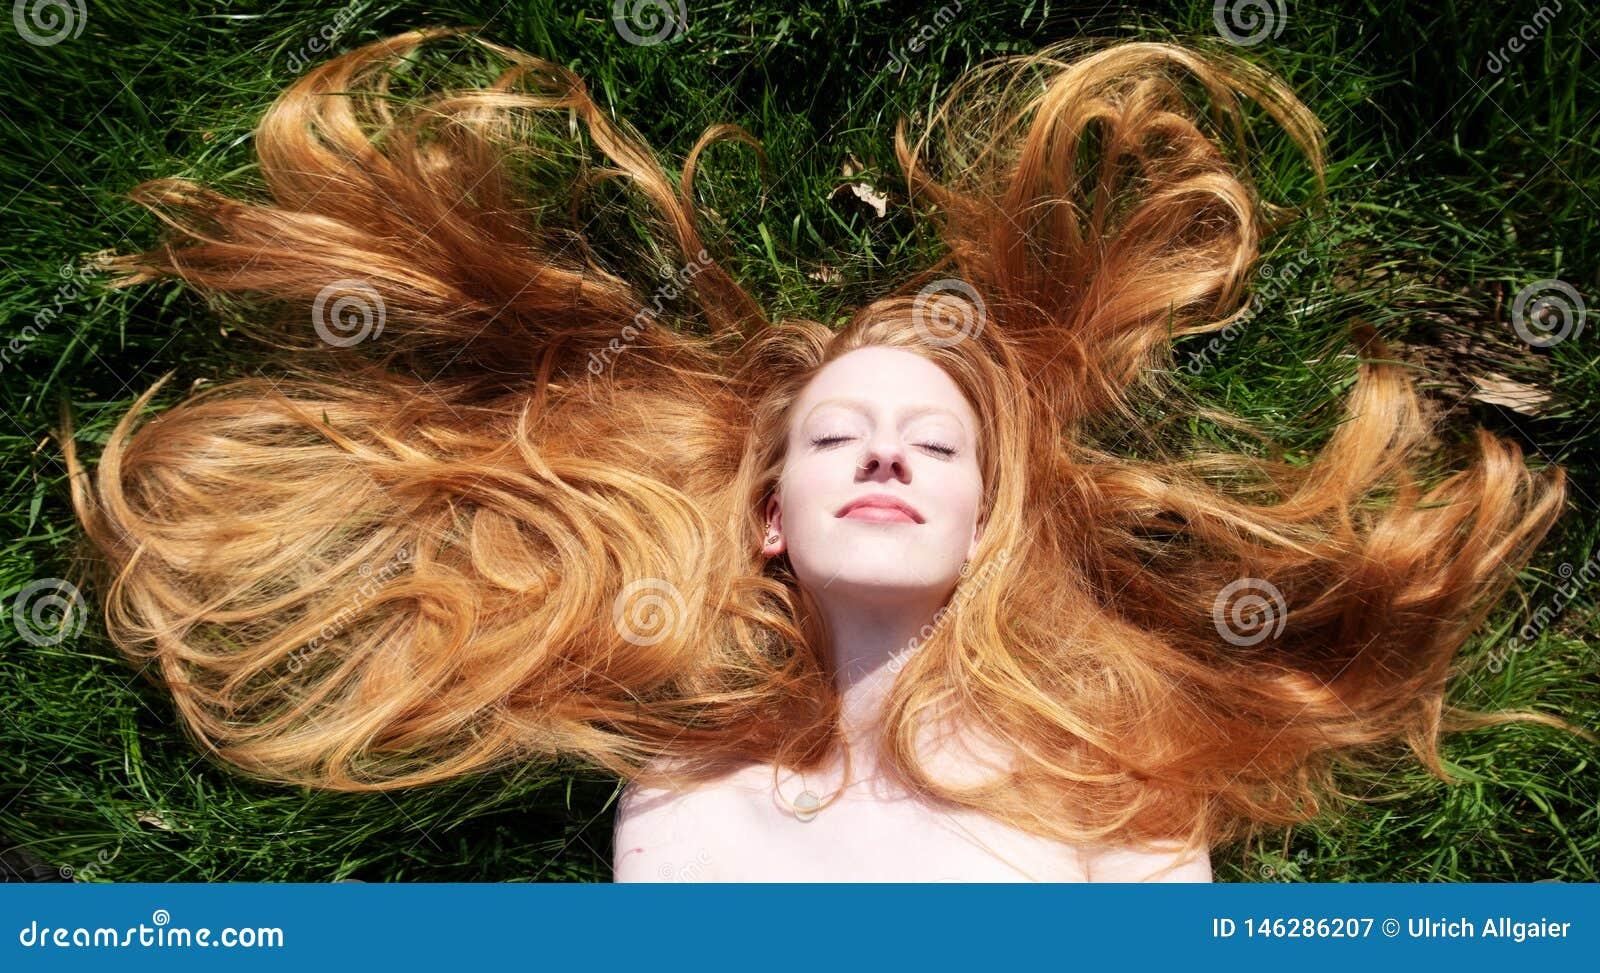 Πορτρέτο μιας όμορφης νέας προκλητικής κοκκινομάλλους γυναίκας, που βρίσκεται την άνοιξη ήλιος, που χαλαρώνει στην πράσινη χλόη,